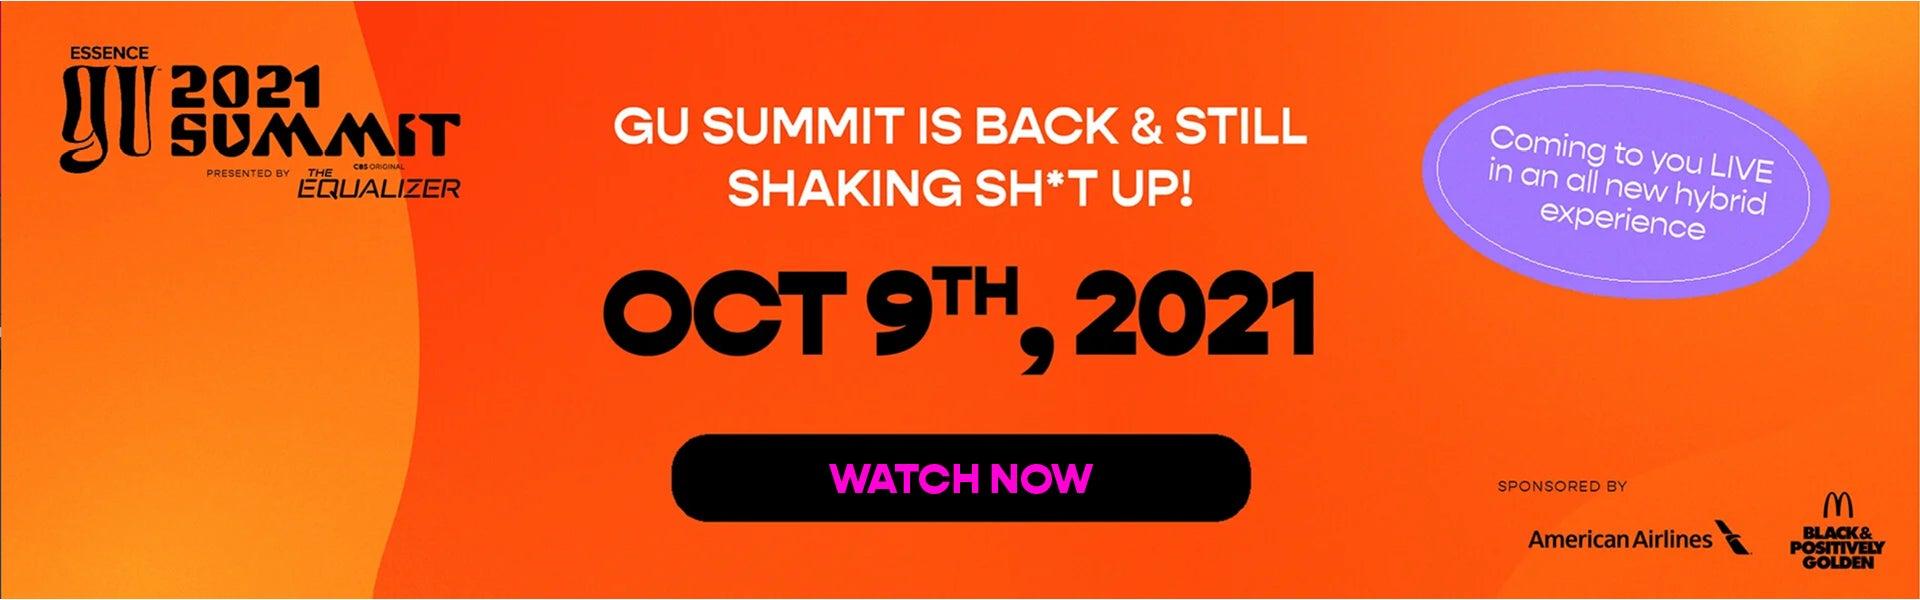 GU Summit Banner